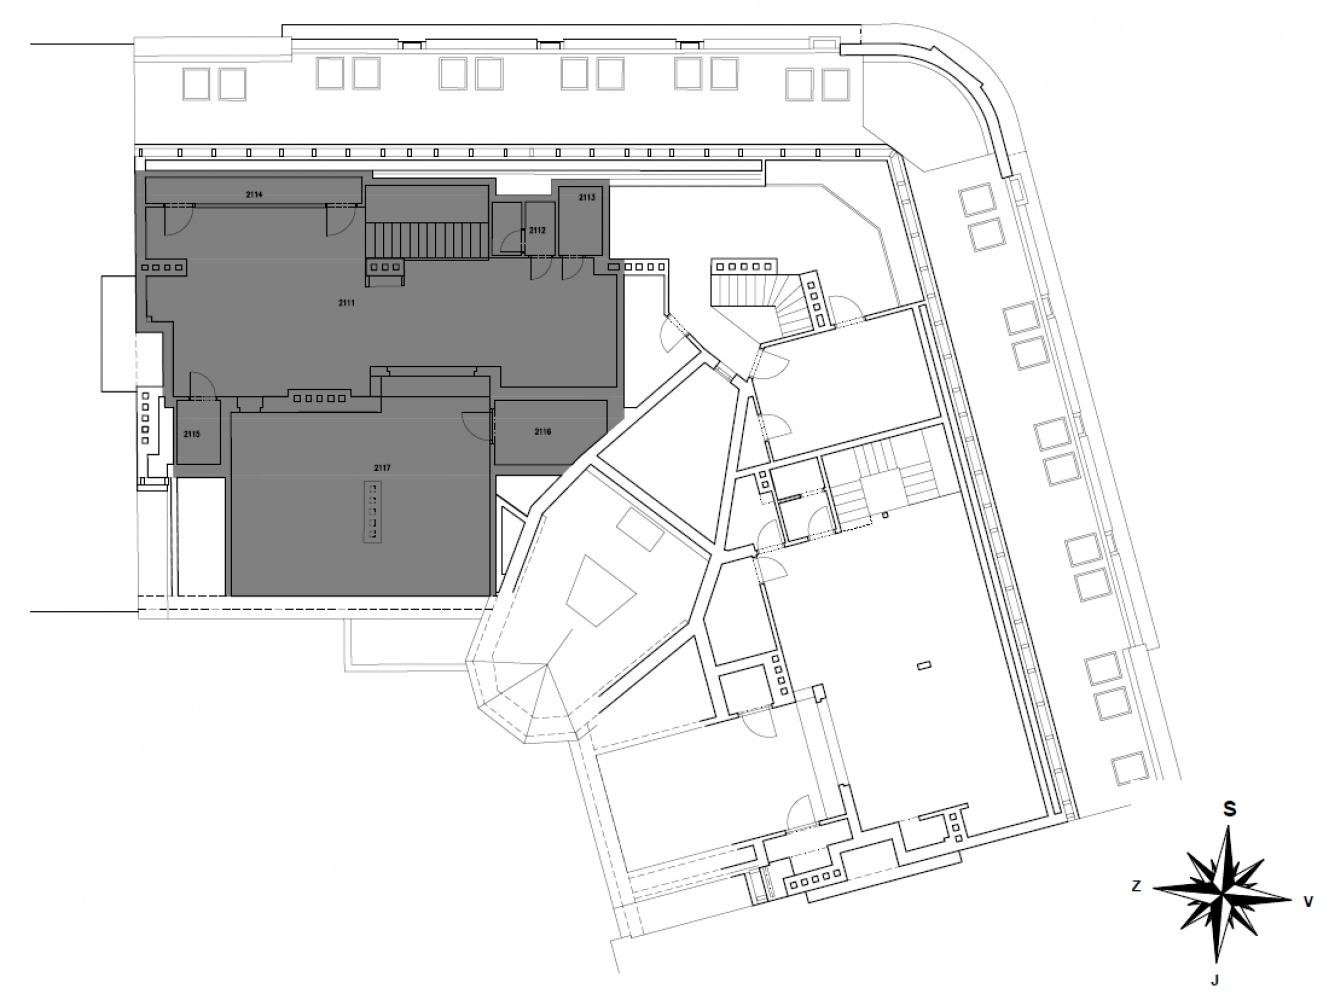 Půdorys - Půdní byt 4+kk, plocha 196 m², ulice Srbská, Praha 6 - Dejvice